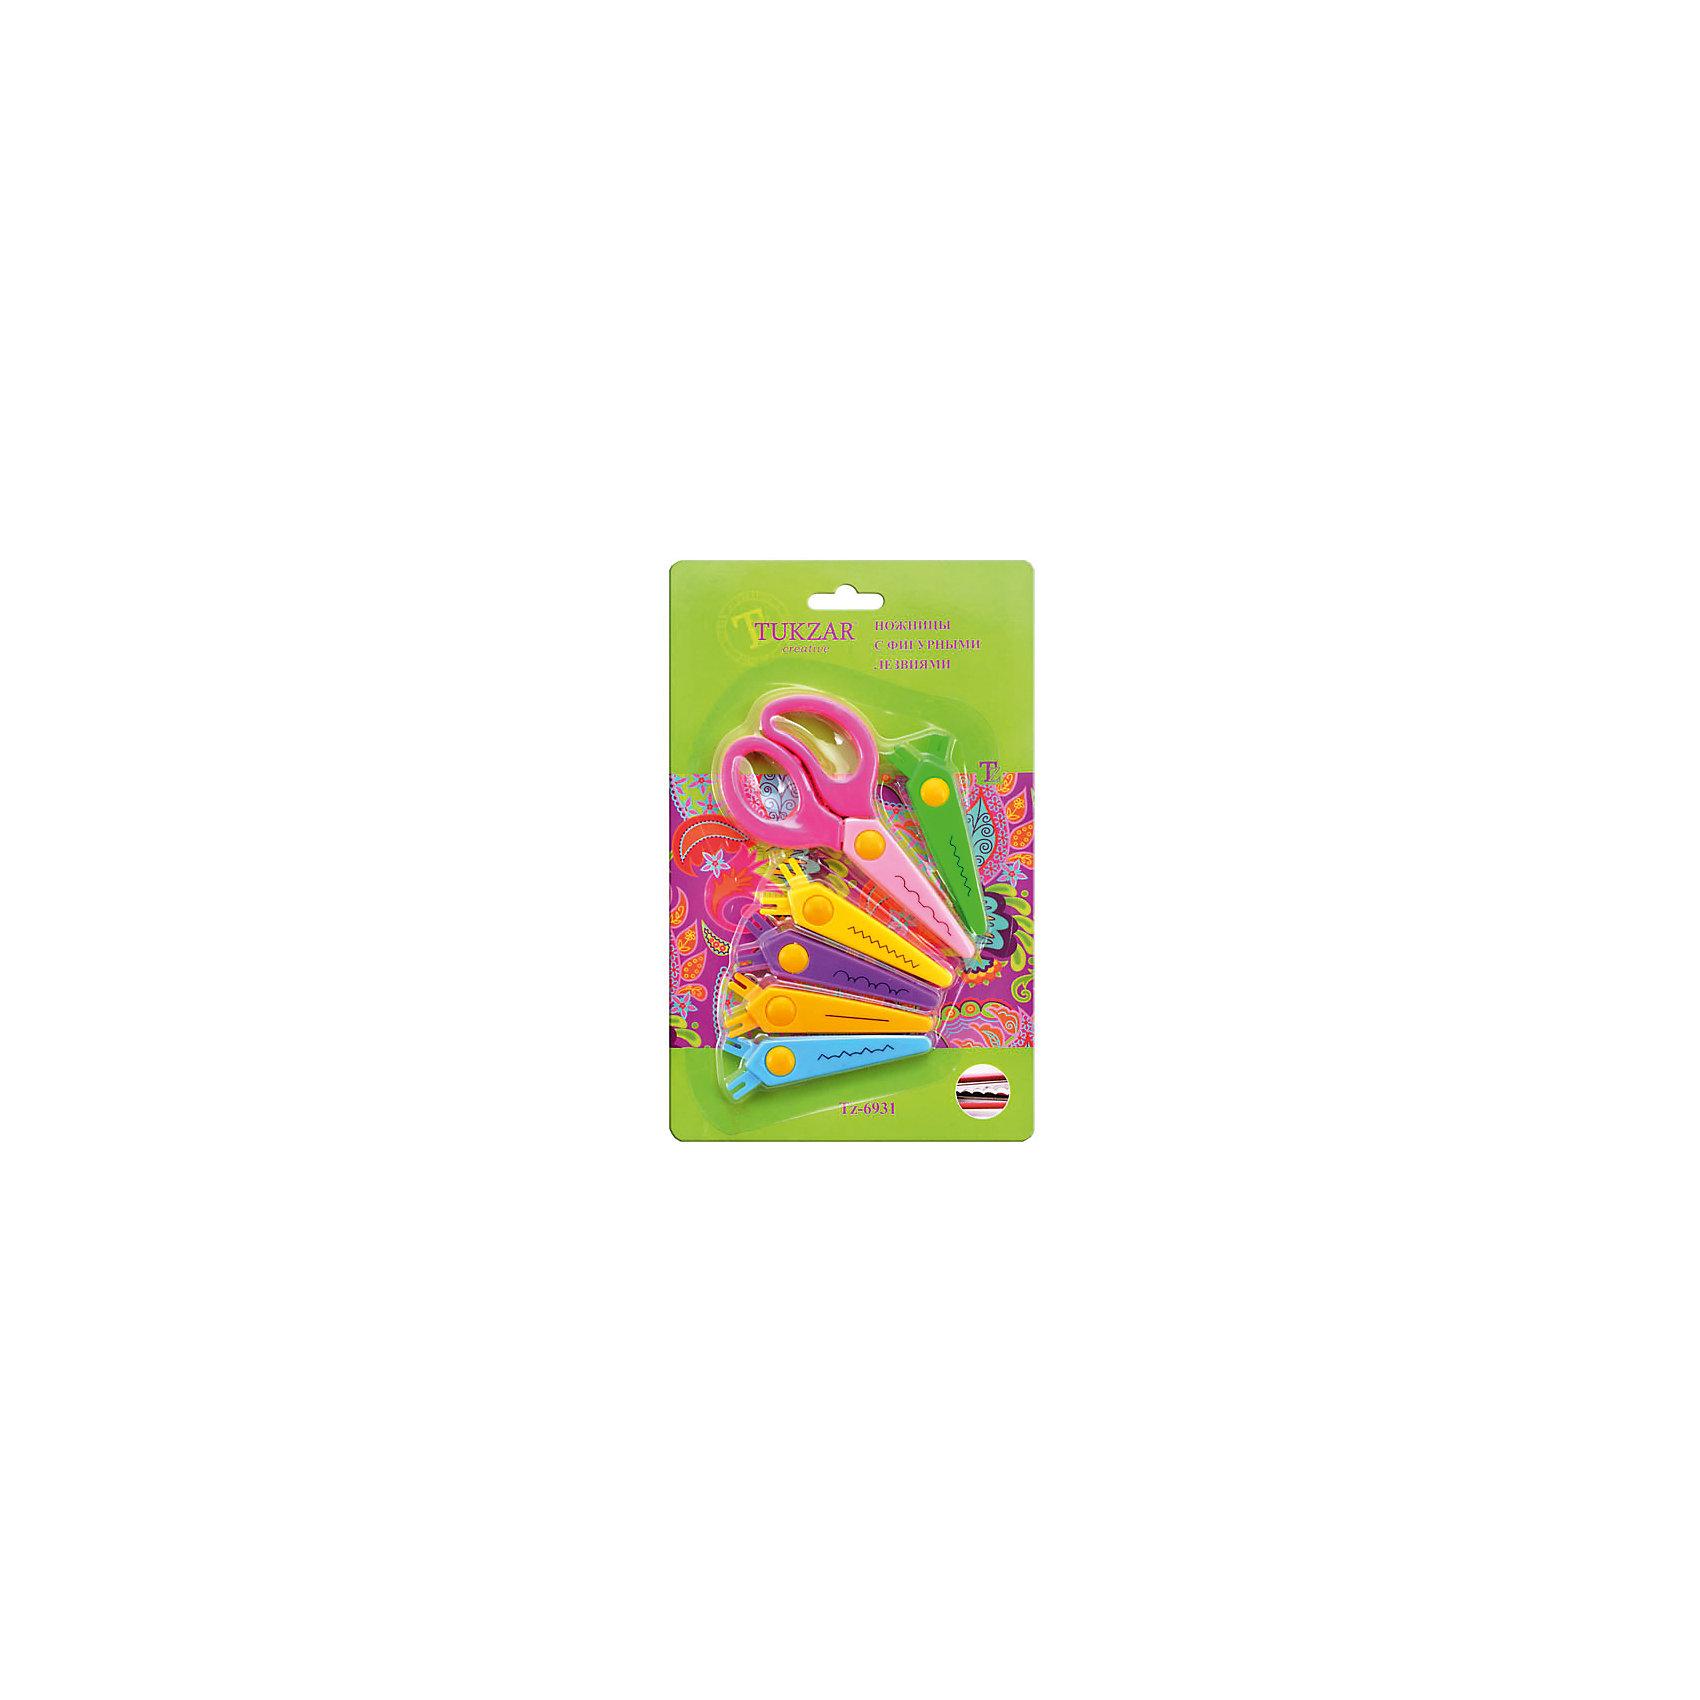 Ножницы с 5 сменными фигурными лезвиями в комплектеНожницы с 5 сменными фигурными лезвиями в комплекте – эти ножницы предназначены для детского творчества.<br>Чудо-ножницы с пятью сменными насадками помогут вырезать самые разнообразные узоры. Волнообразные, треугольные края – и это еще далеко не все возможные варианты! Ножницы позволяют декорировать края открыток, страницы фотоальбомов и других бумажных изделий. На корпус насадок нанесён пример линии разреза Насадки легко меняются и надёжно крепятся. Лезвия абсолютно безопасны для детей.<br><br>Дополнительная информация:<br><br>- В комплекте: 5 сменных лезвий<br>- Размер упаковки: 200х50х200 мм.<br><br>Ножницы с 5 сменными фигурными лезвиями в комплекте можно купить в нашем интернет-магазине.<br><br>Ширина мм: 200<br>Глубина мм: 50<br>Высота мм: 200<br>Вес г: 500<br>Возраст от месяцев: 72<br>Возраст до месяцев: 144<br>Пол: Унисекс<br>Возраст: Детский<br>SKU: 4051919